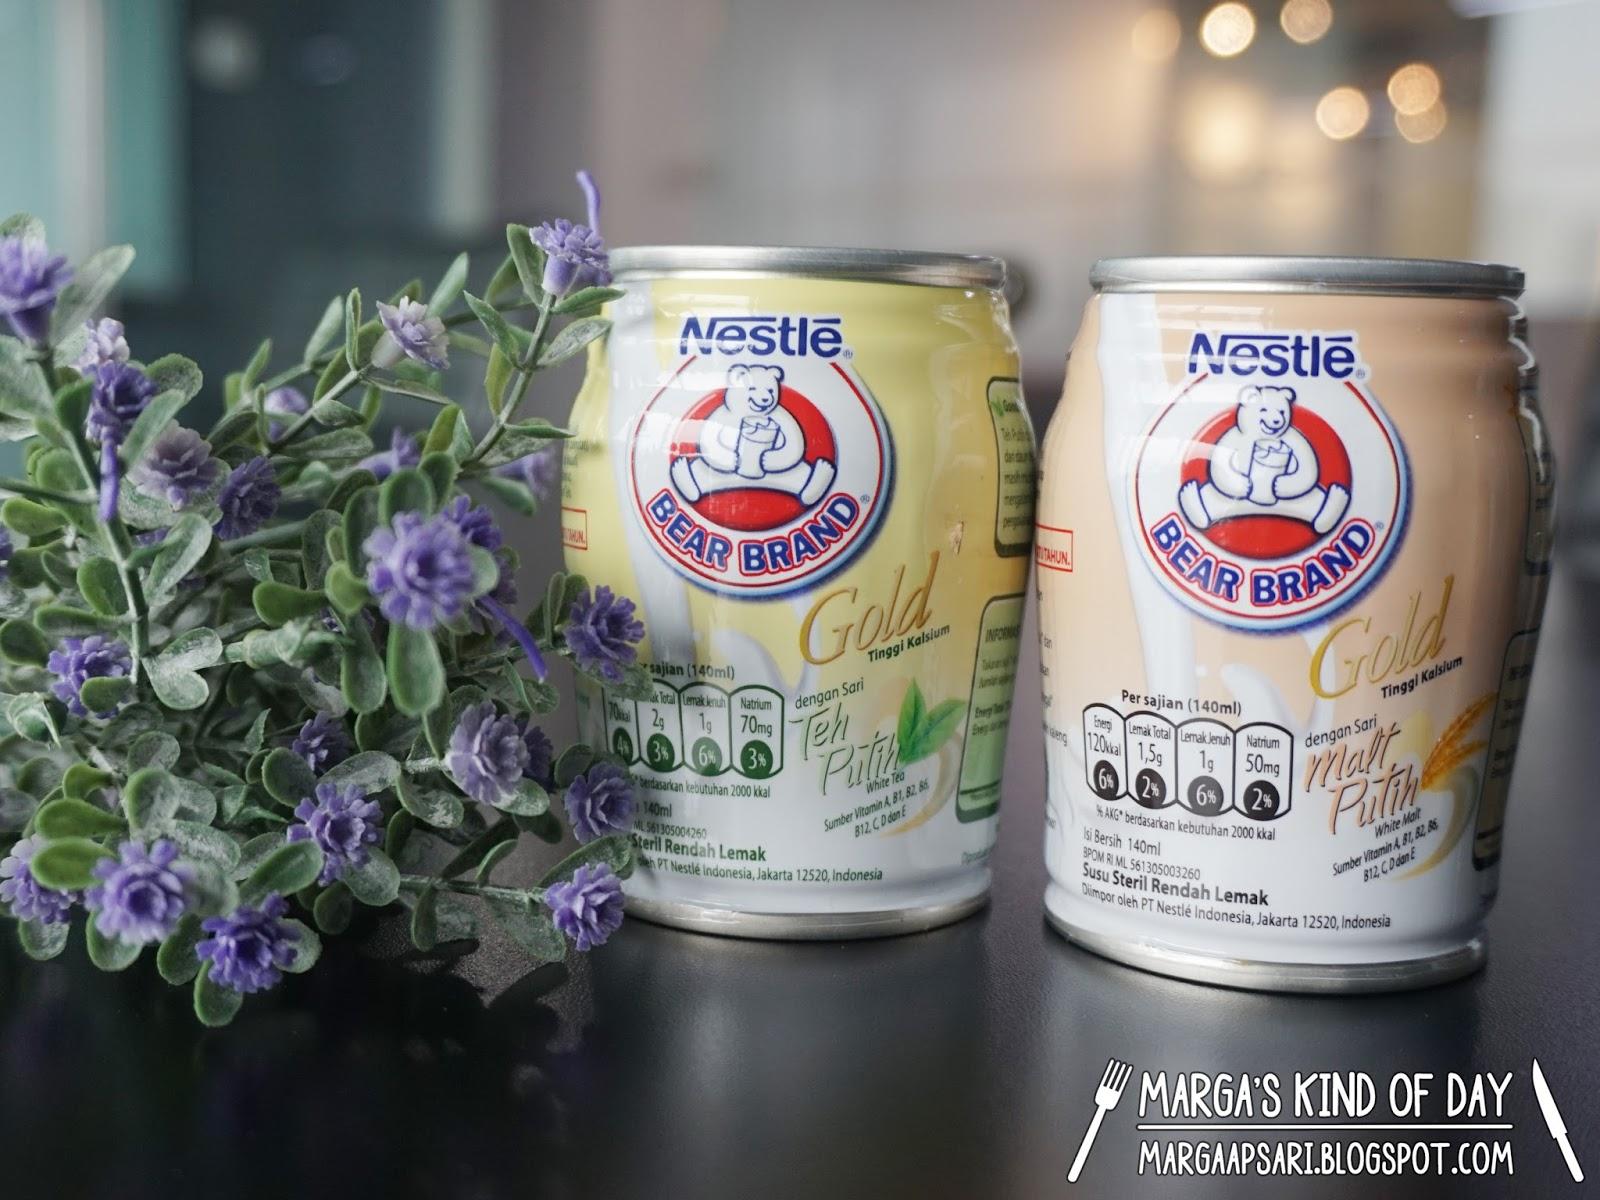 Manfaat Bear Brand Gold Sebagai Susu Steril Rendah Lemak Dan Tinggi Kalsium Marga S Bucket List